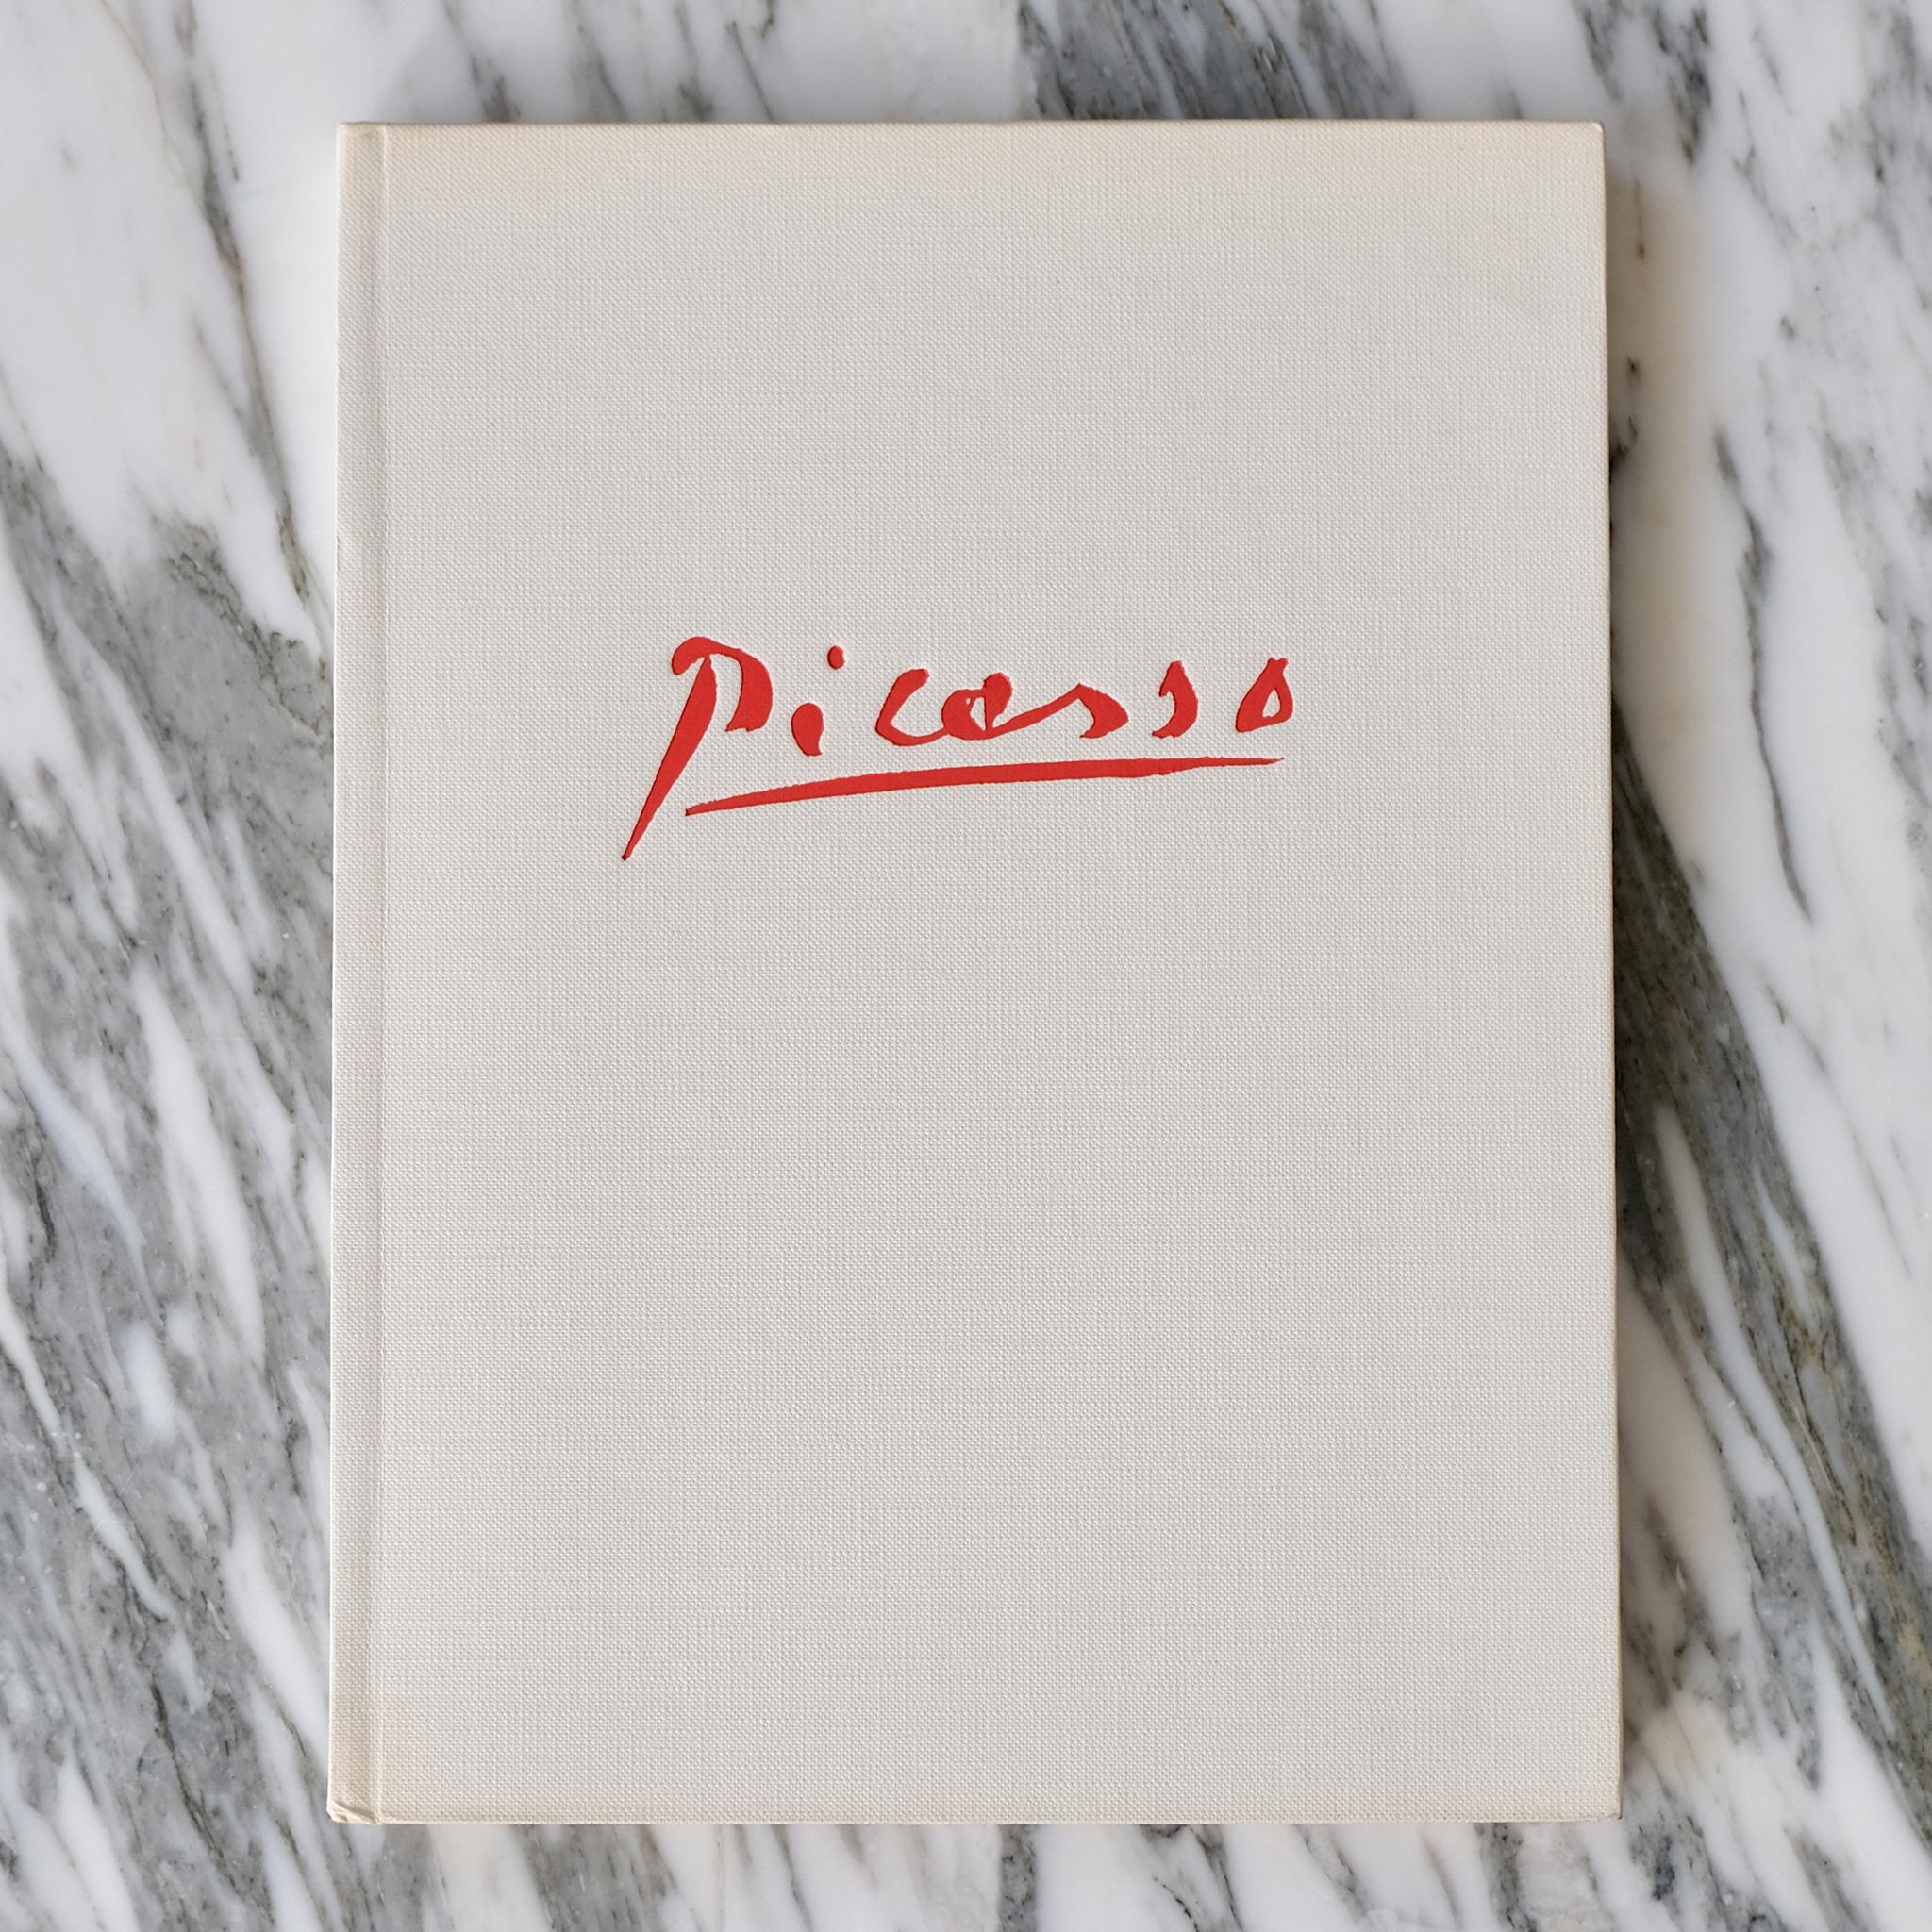 Picasso par Gaston Diehl